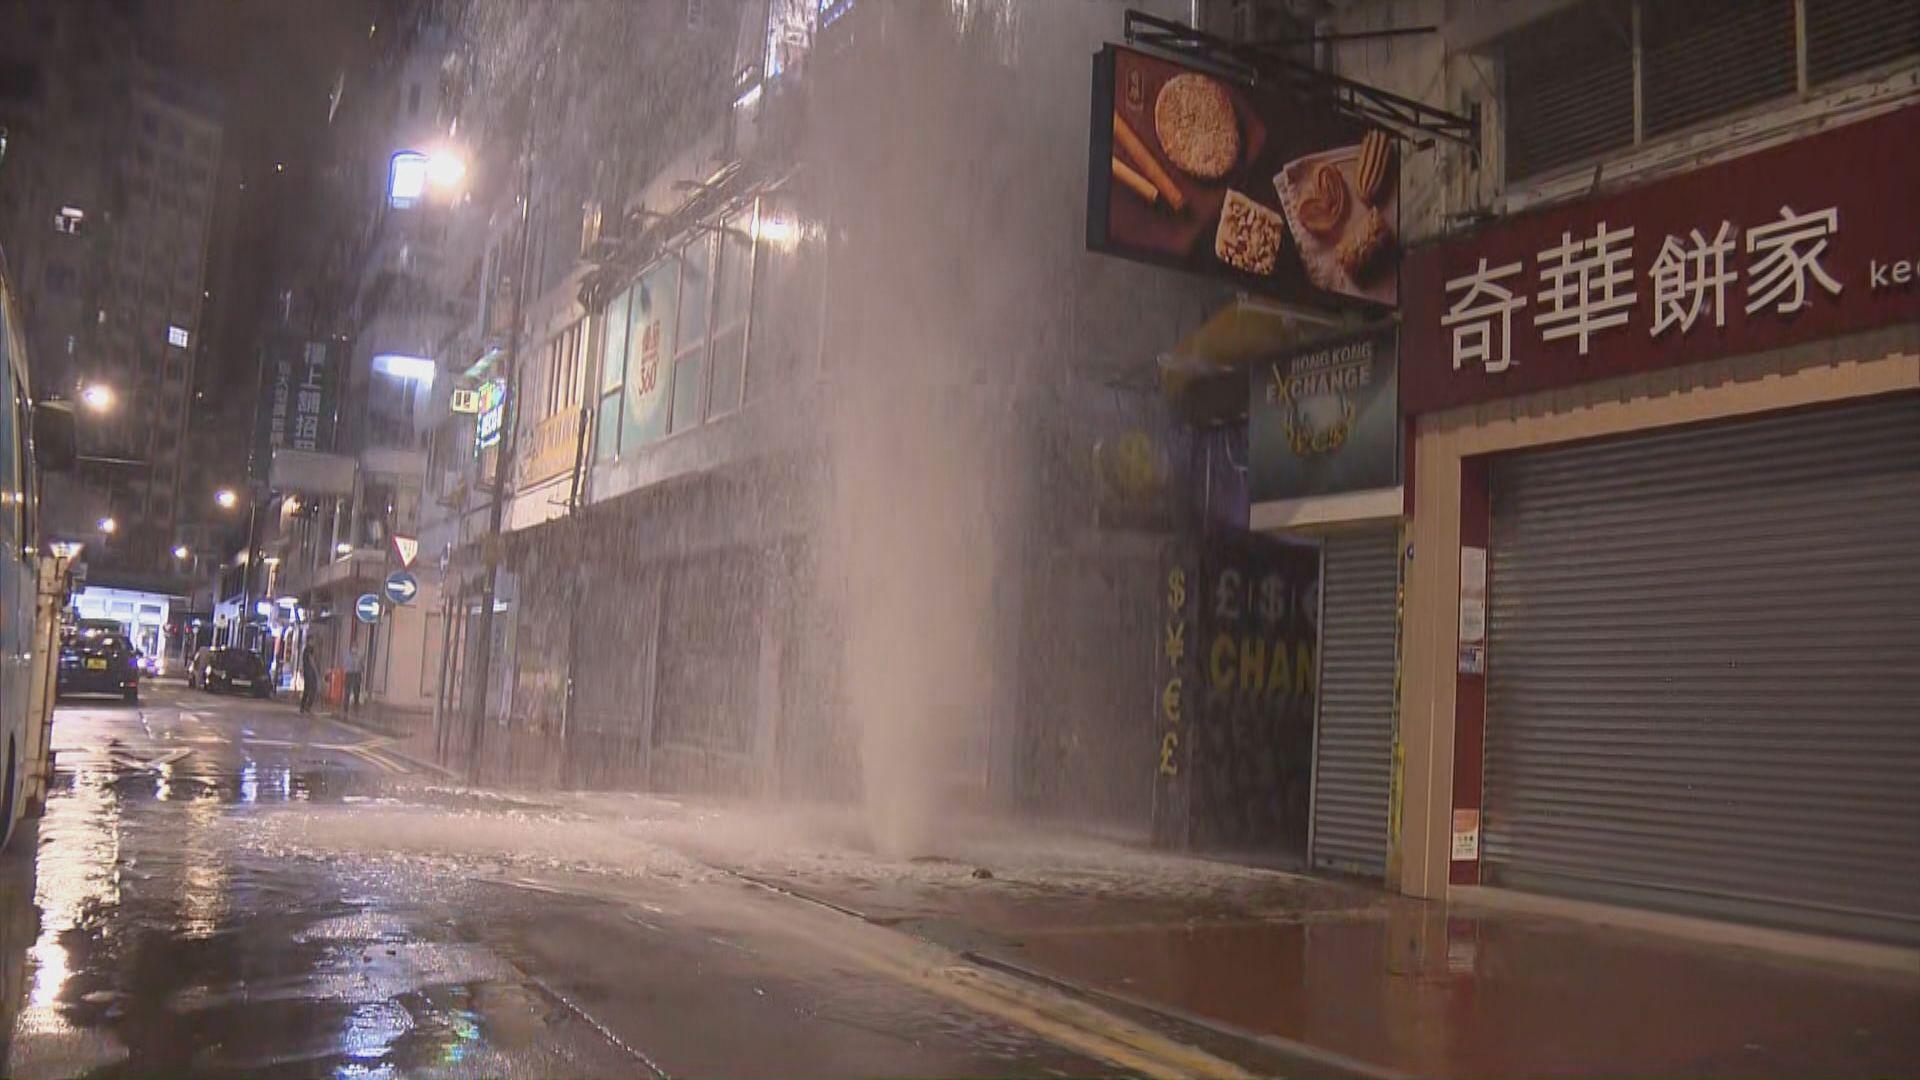 銅鑼灣爆鹹水管 附近大廈沖廁受影響